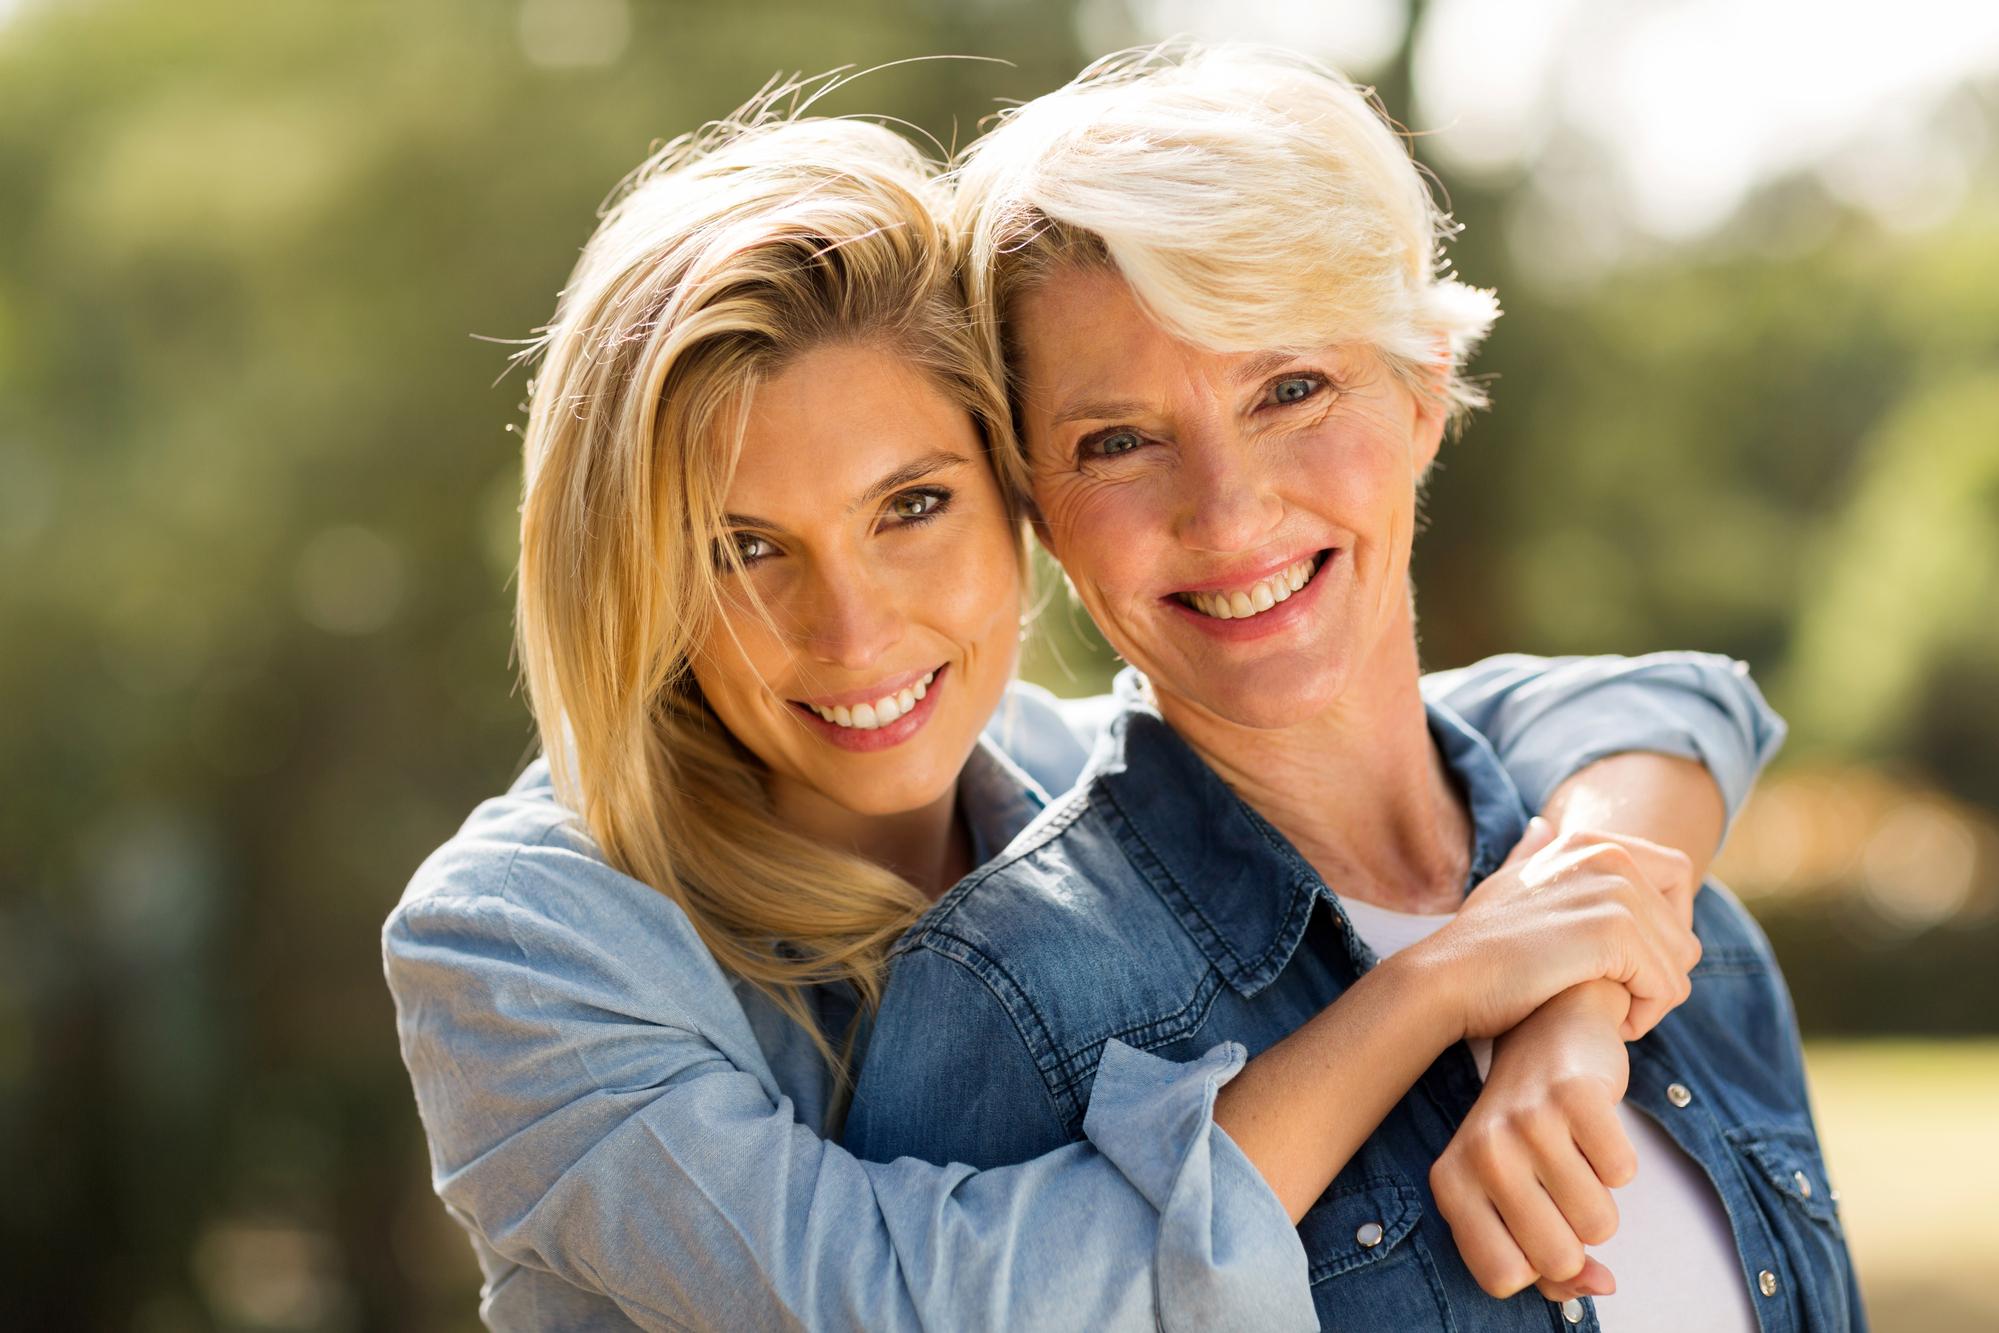 Duas mulheres se abraçando em um parque.